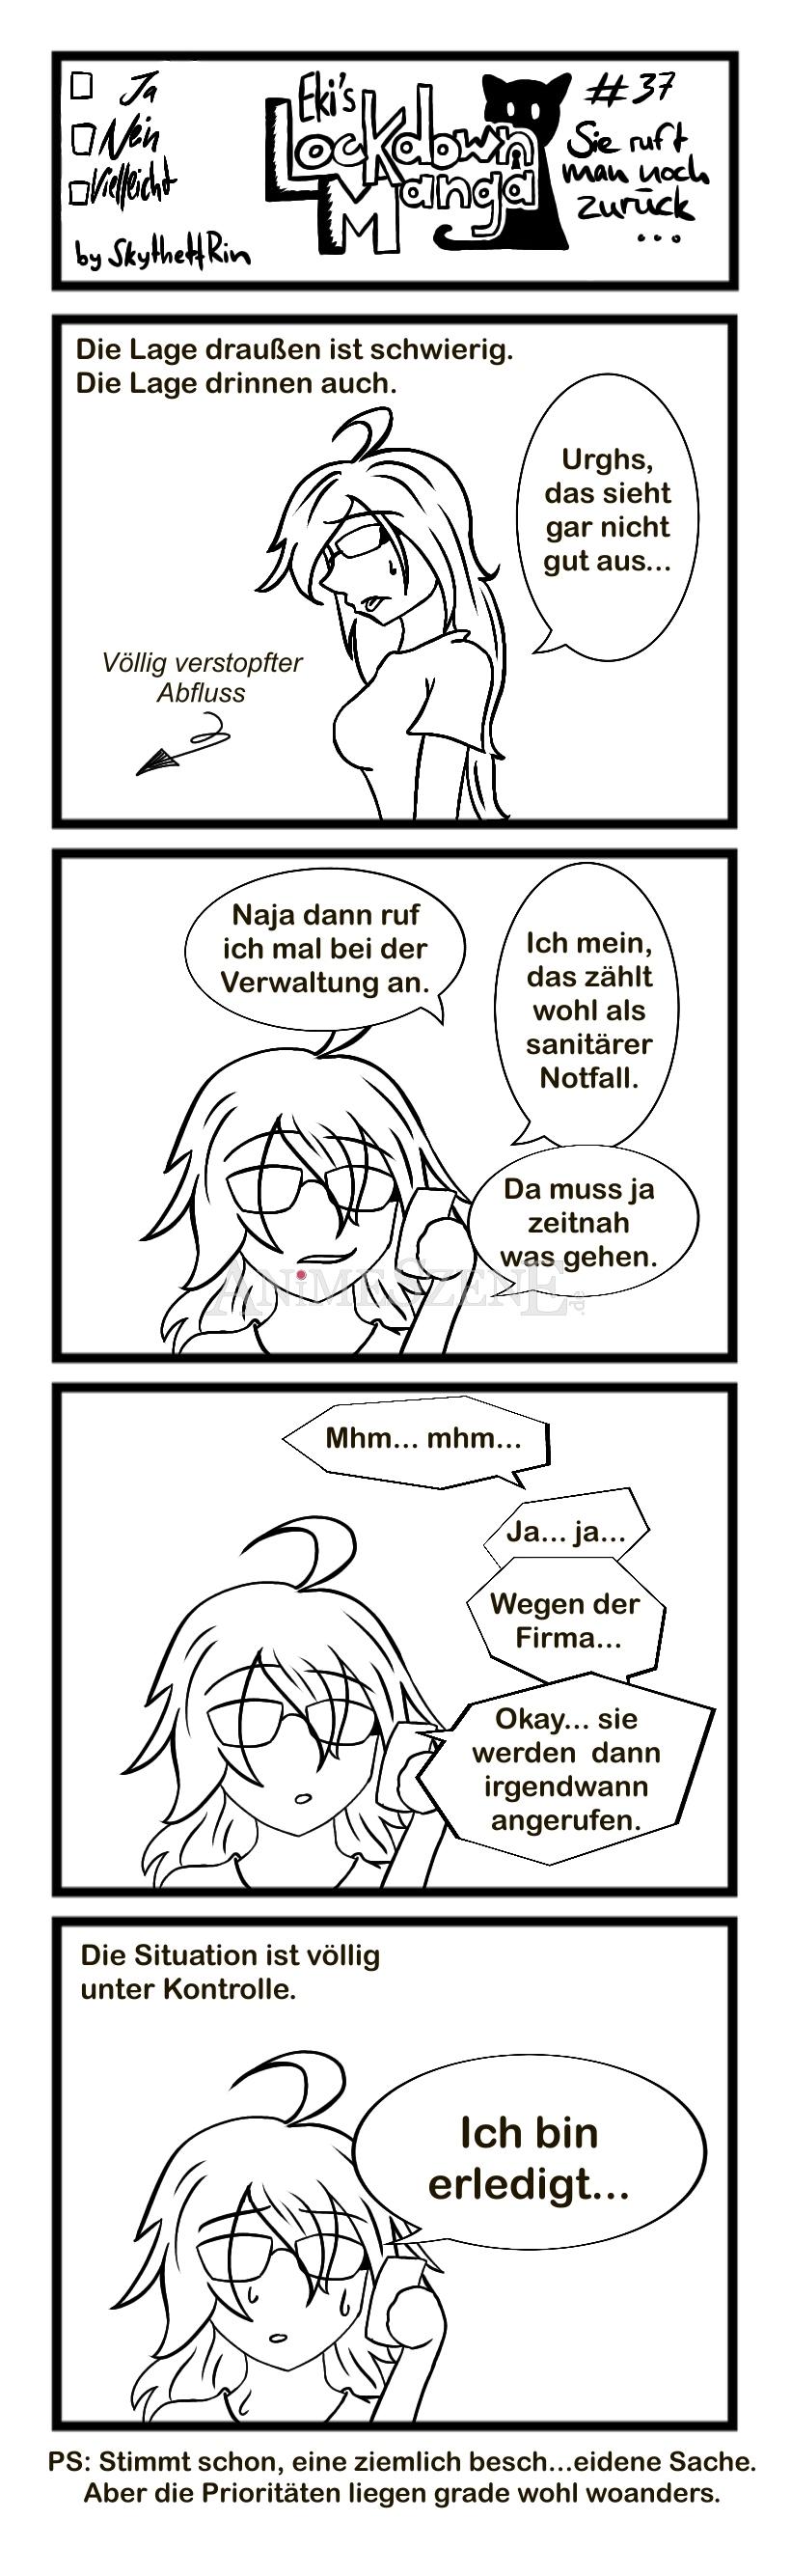 Eki's Lockdown Manga Nr. 37